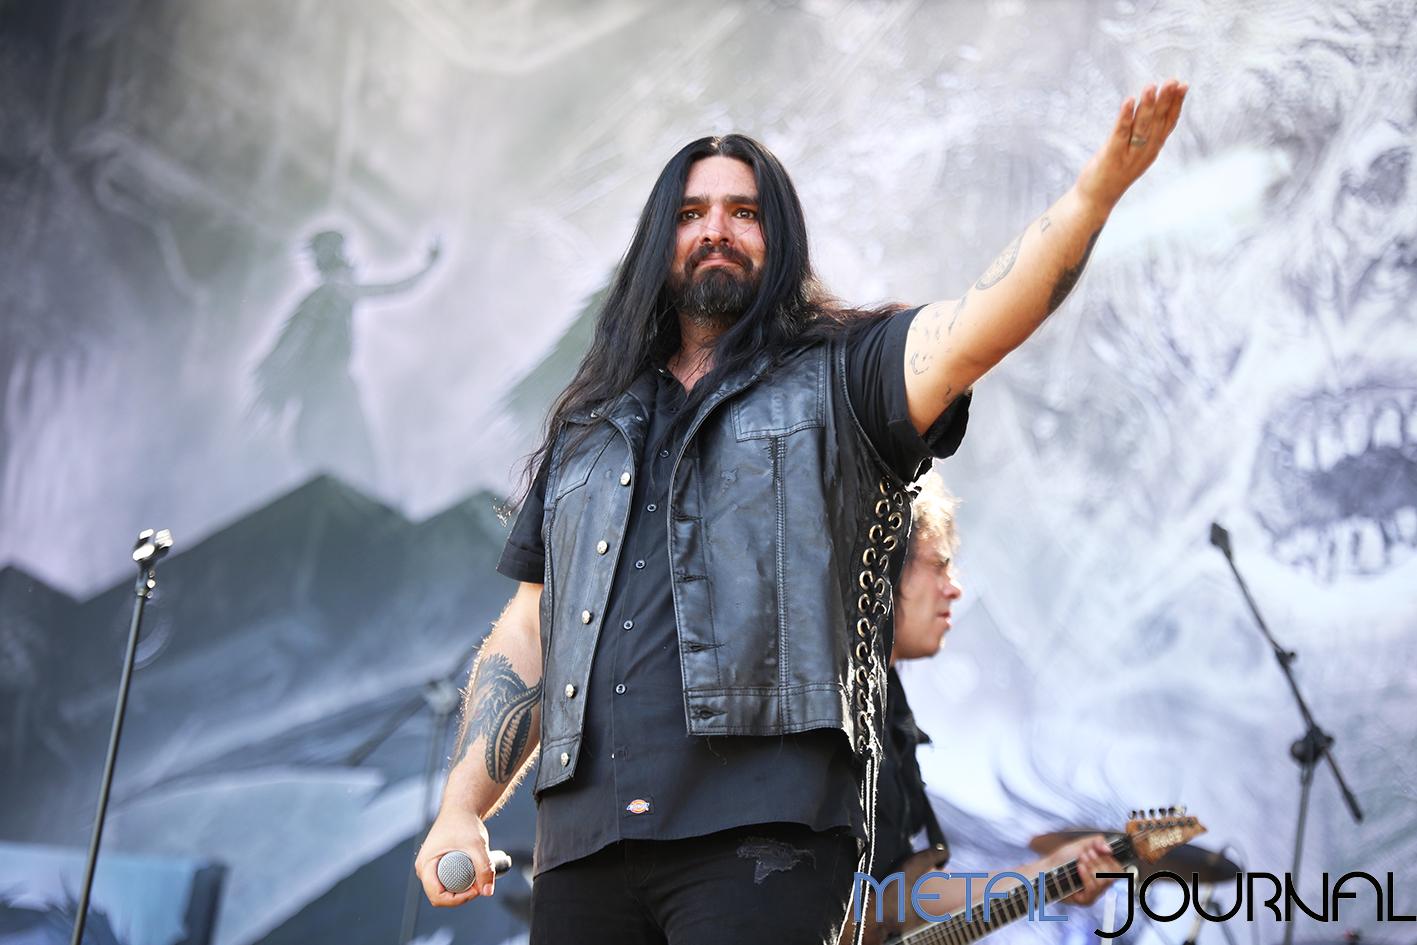 lords of black - leyendas del rock 2019 metal journal pic 5